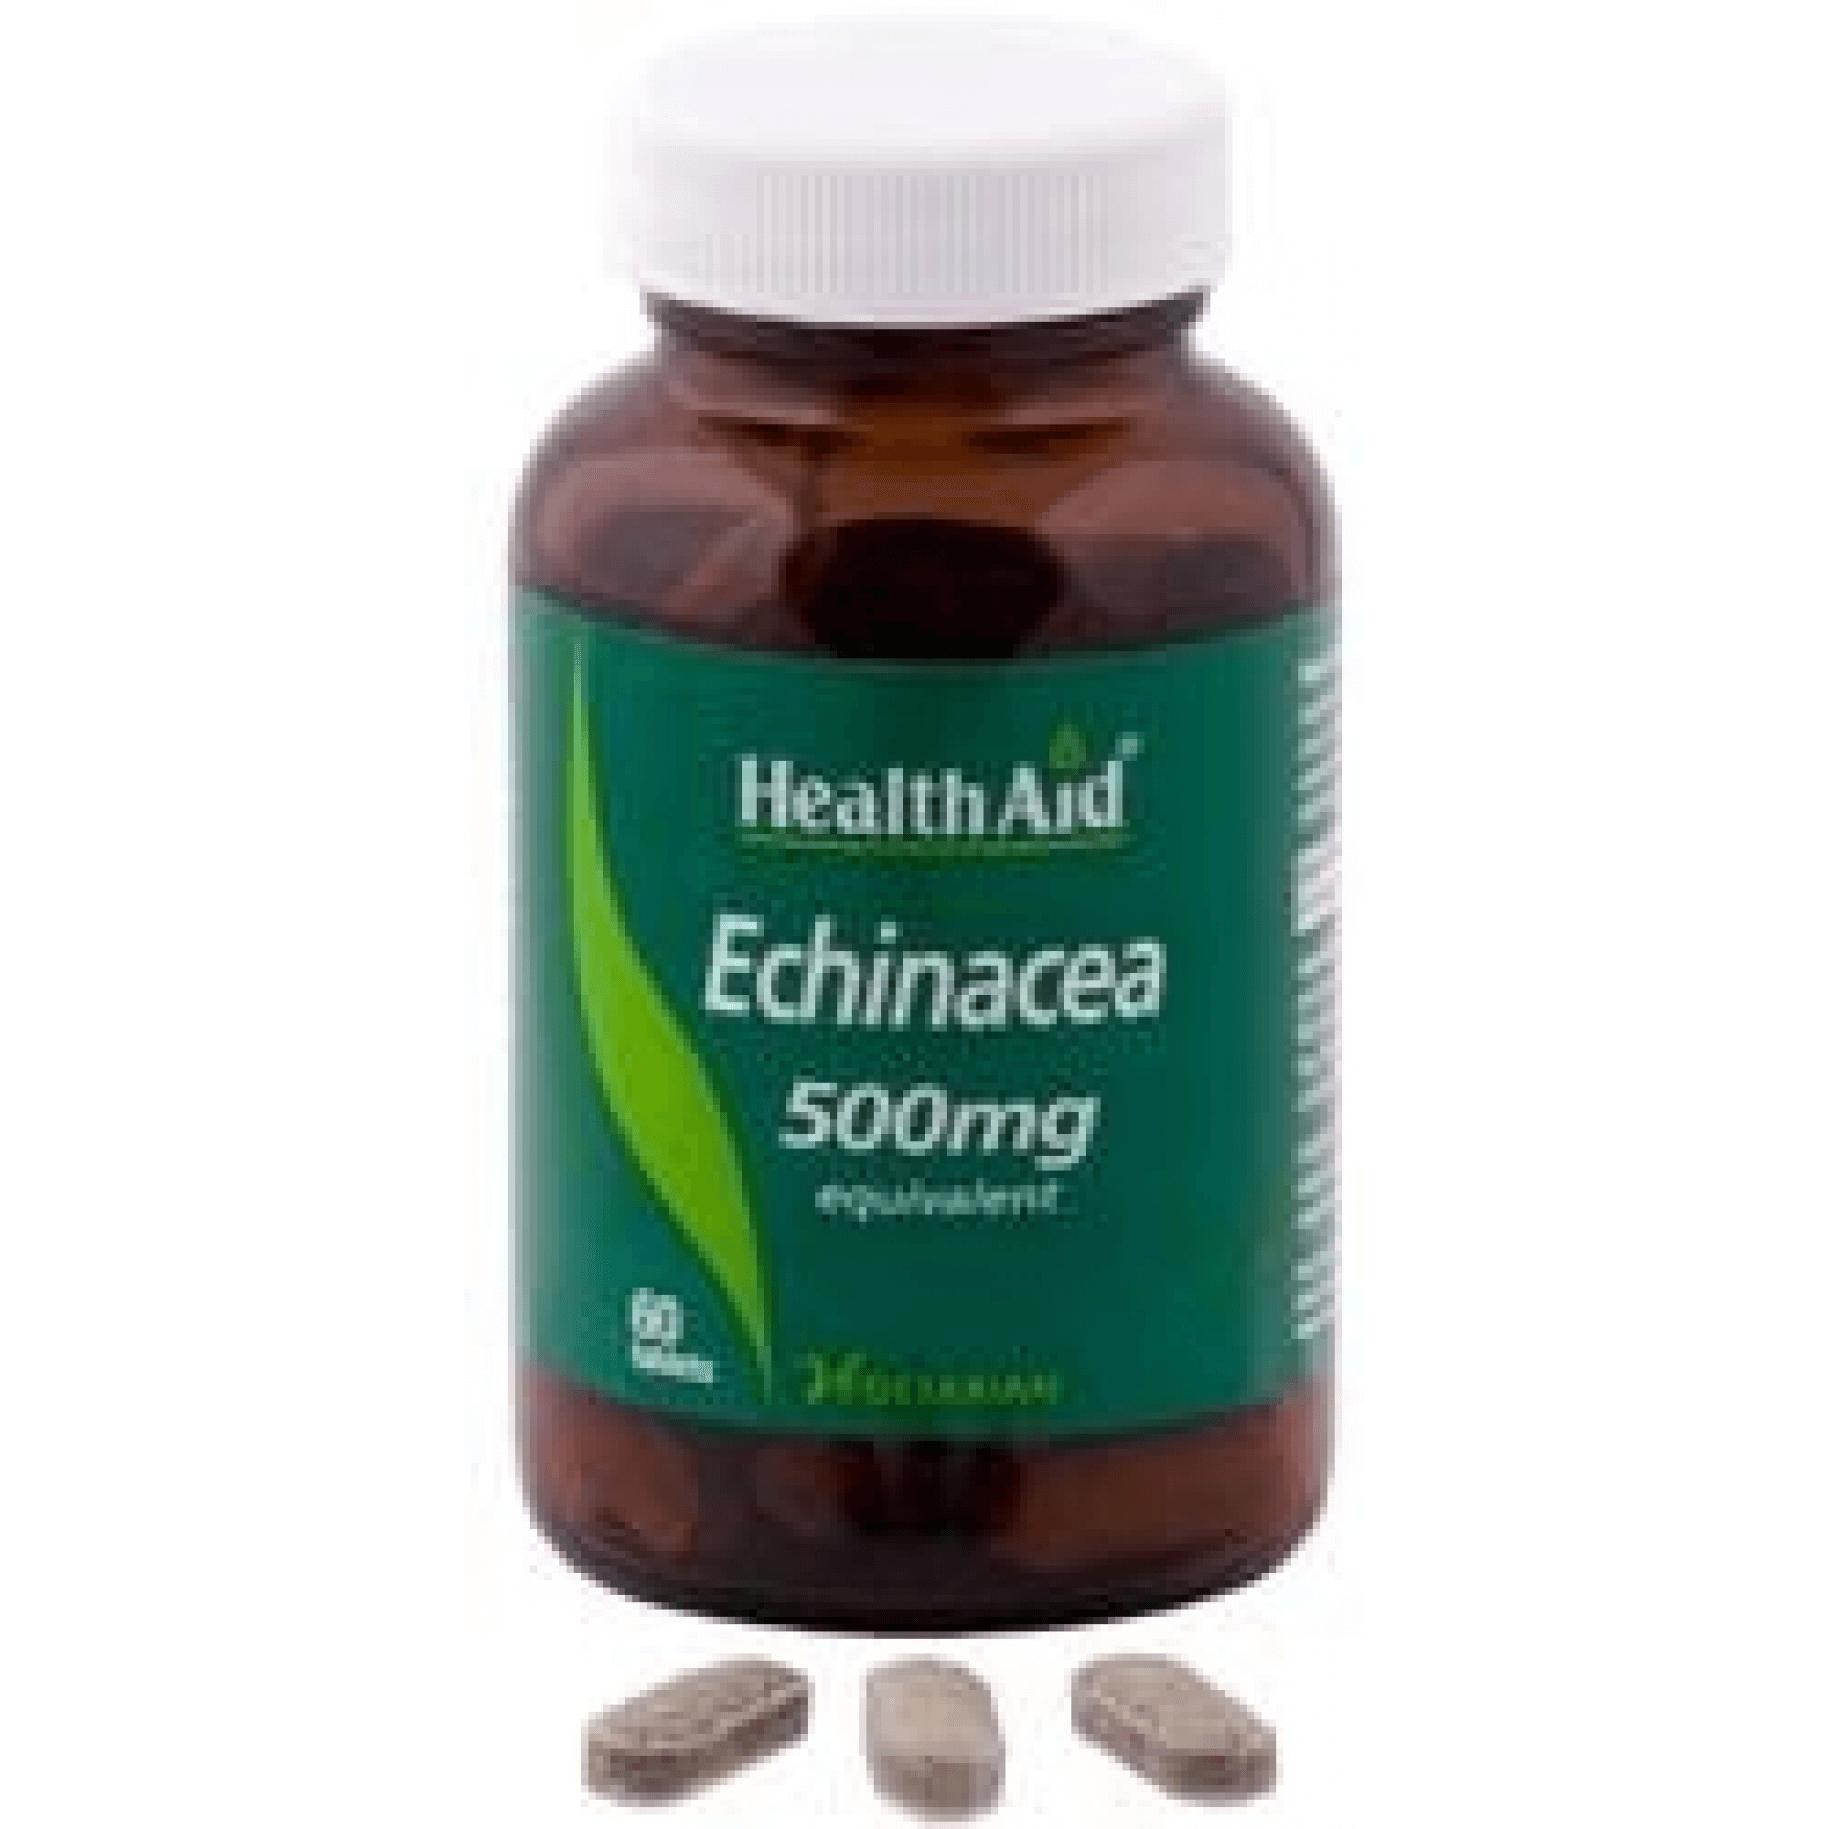 HealthAid Echinacea 500mg Ενίσχυση Του Ανοσοποιητικού Συστήματος 60tabs